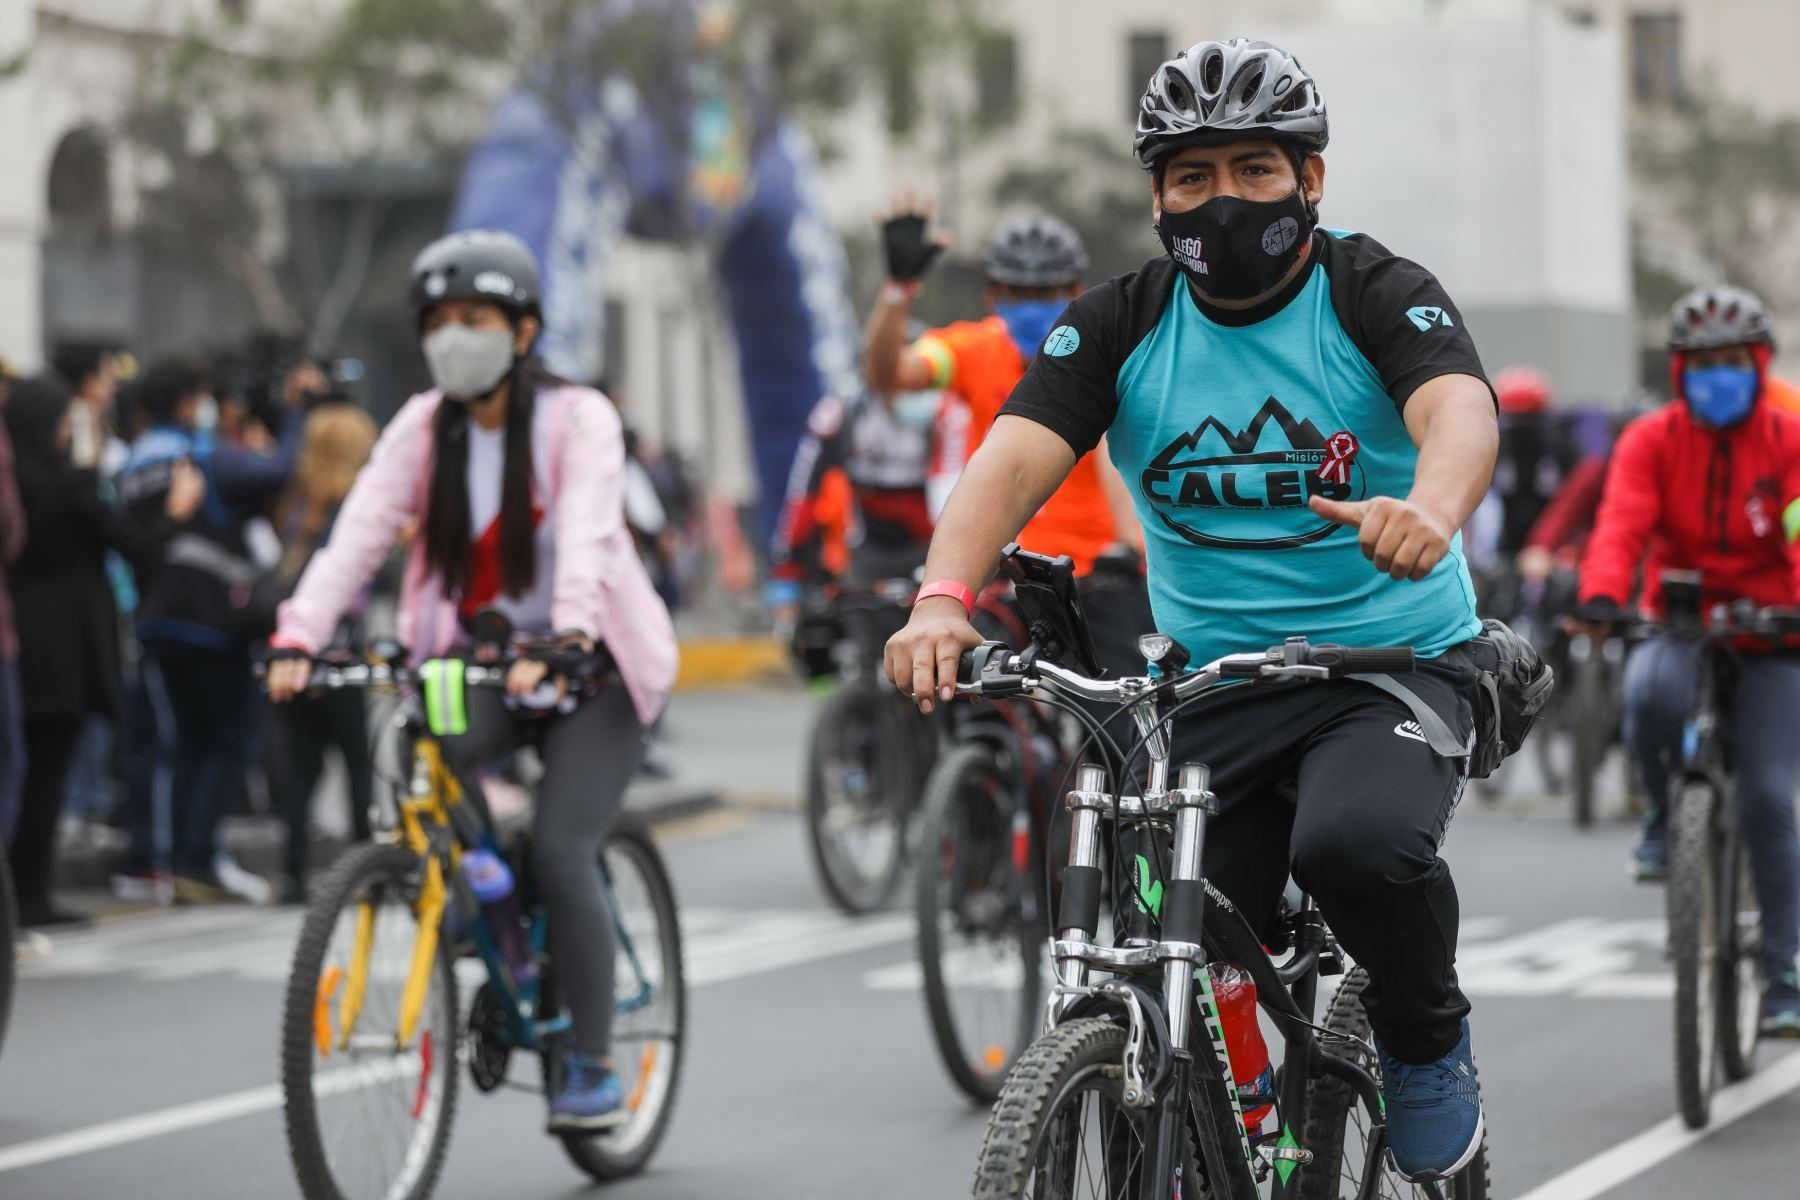 """Municipalidad de Lima organiza bicicleteada """"Pedaleando por el Bicentenario del Perú"""". Esta actividad se realiza en simultáneo en varias ciudades del país e incluye un recorrido ciclístico de 25 km en cada lugar. Foto: ANDINA/Municipalidad de Lima"""